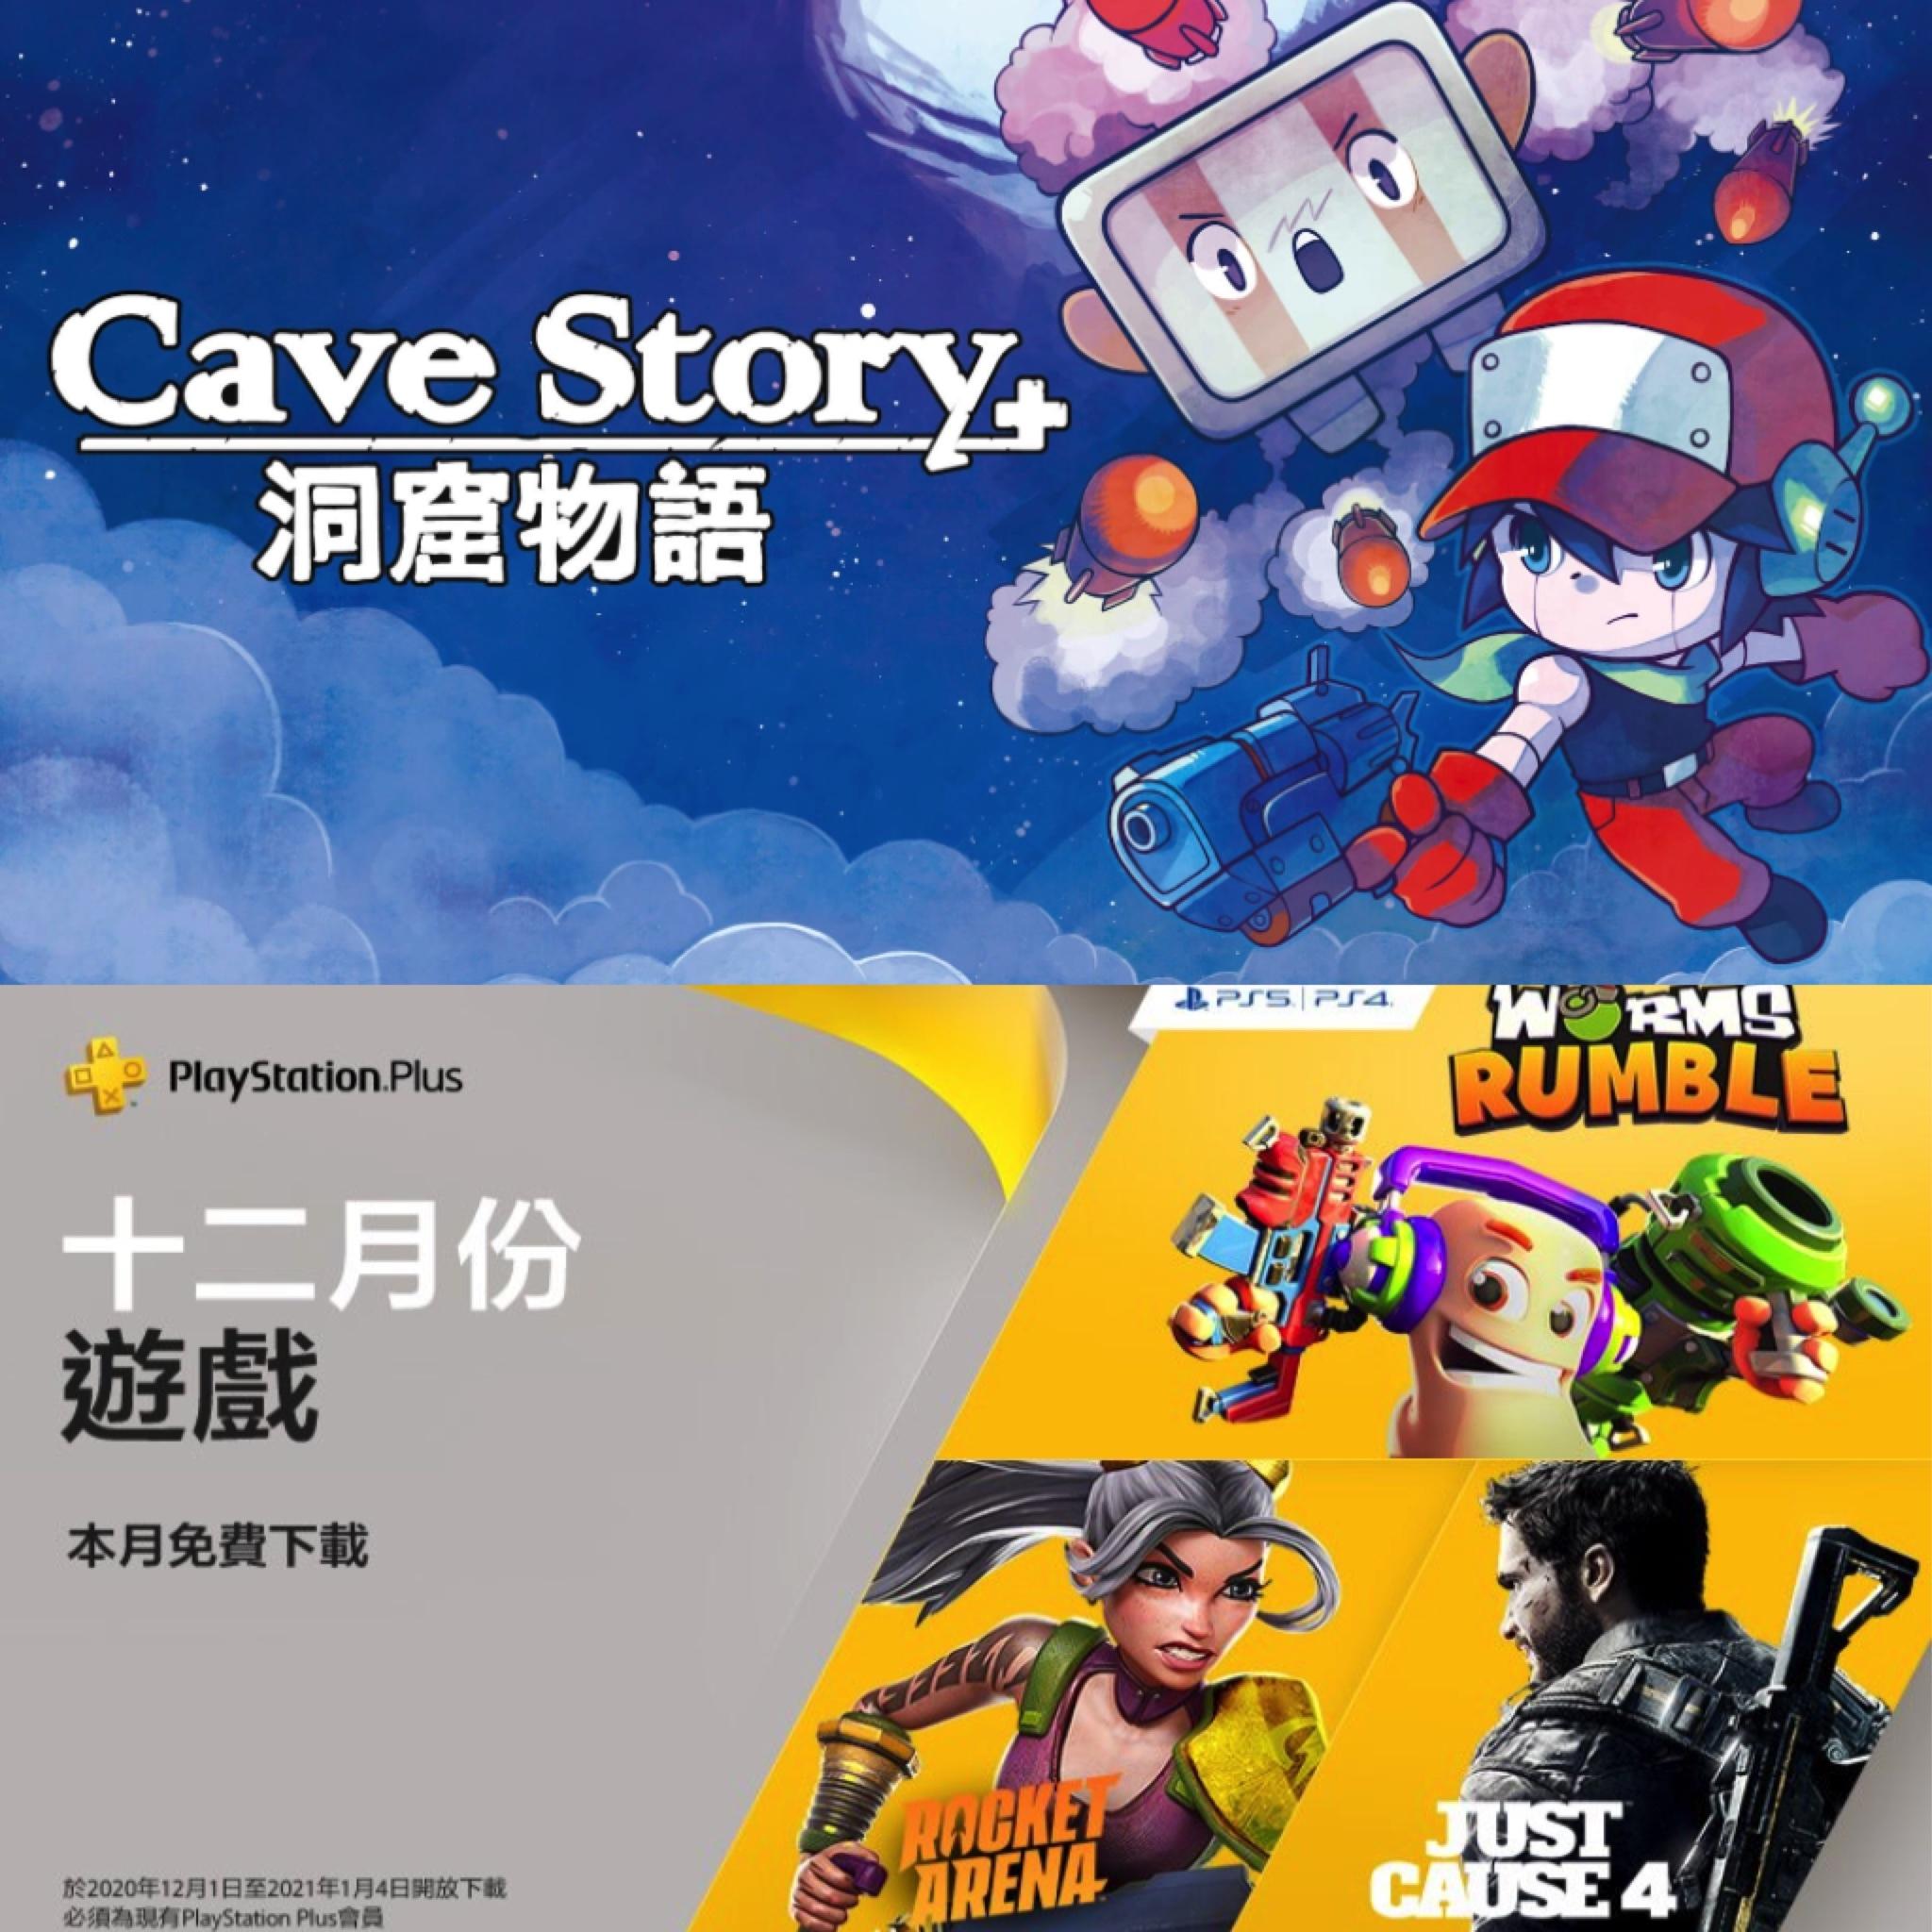 Epic今晚送出《洞窟物语+》,PS12月会免现已可领取,XGP12月入库游戏公开